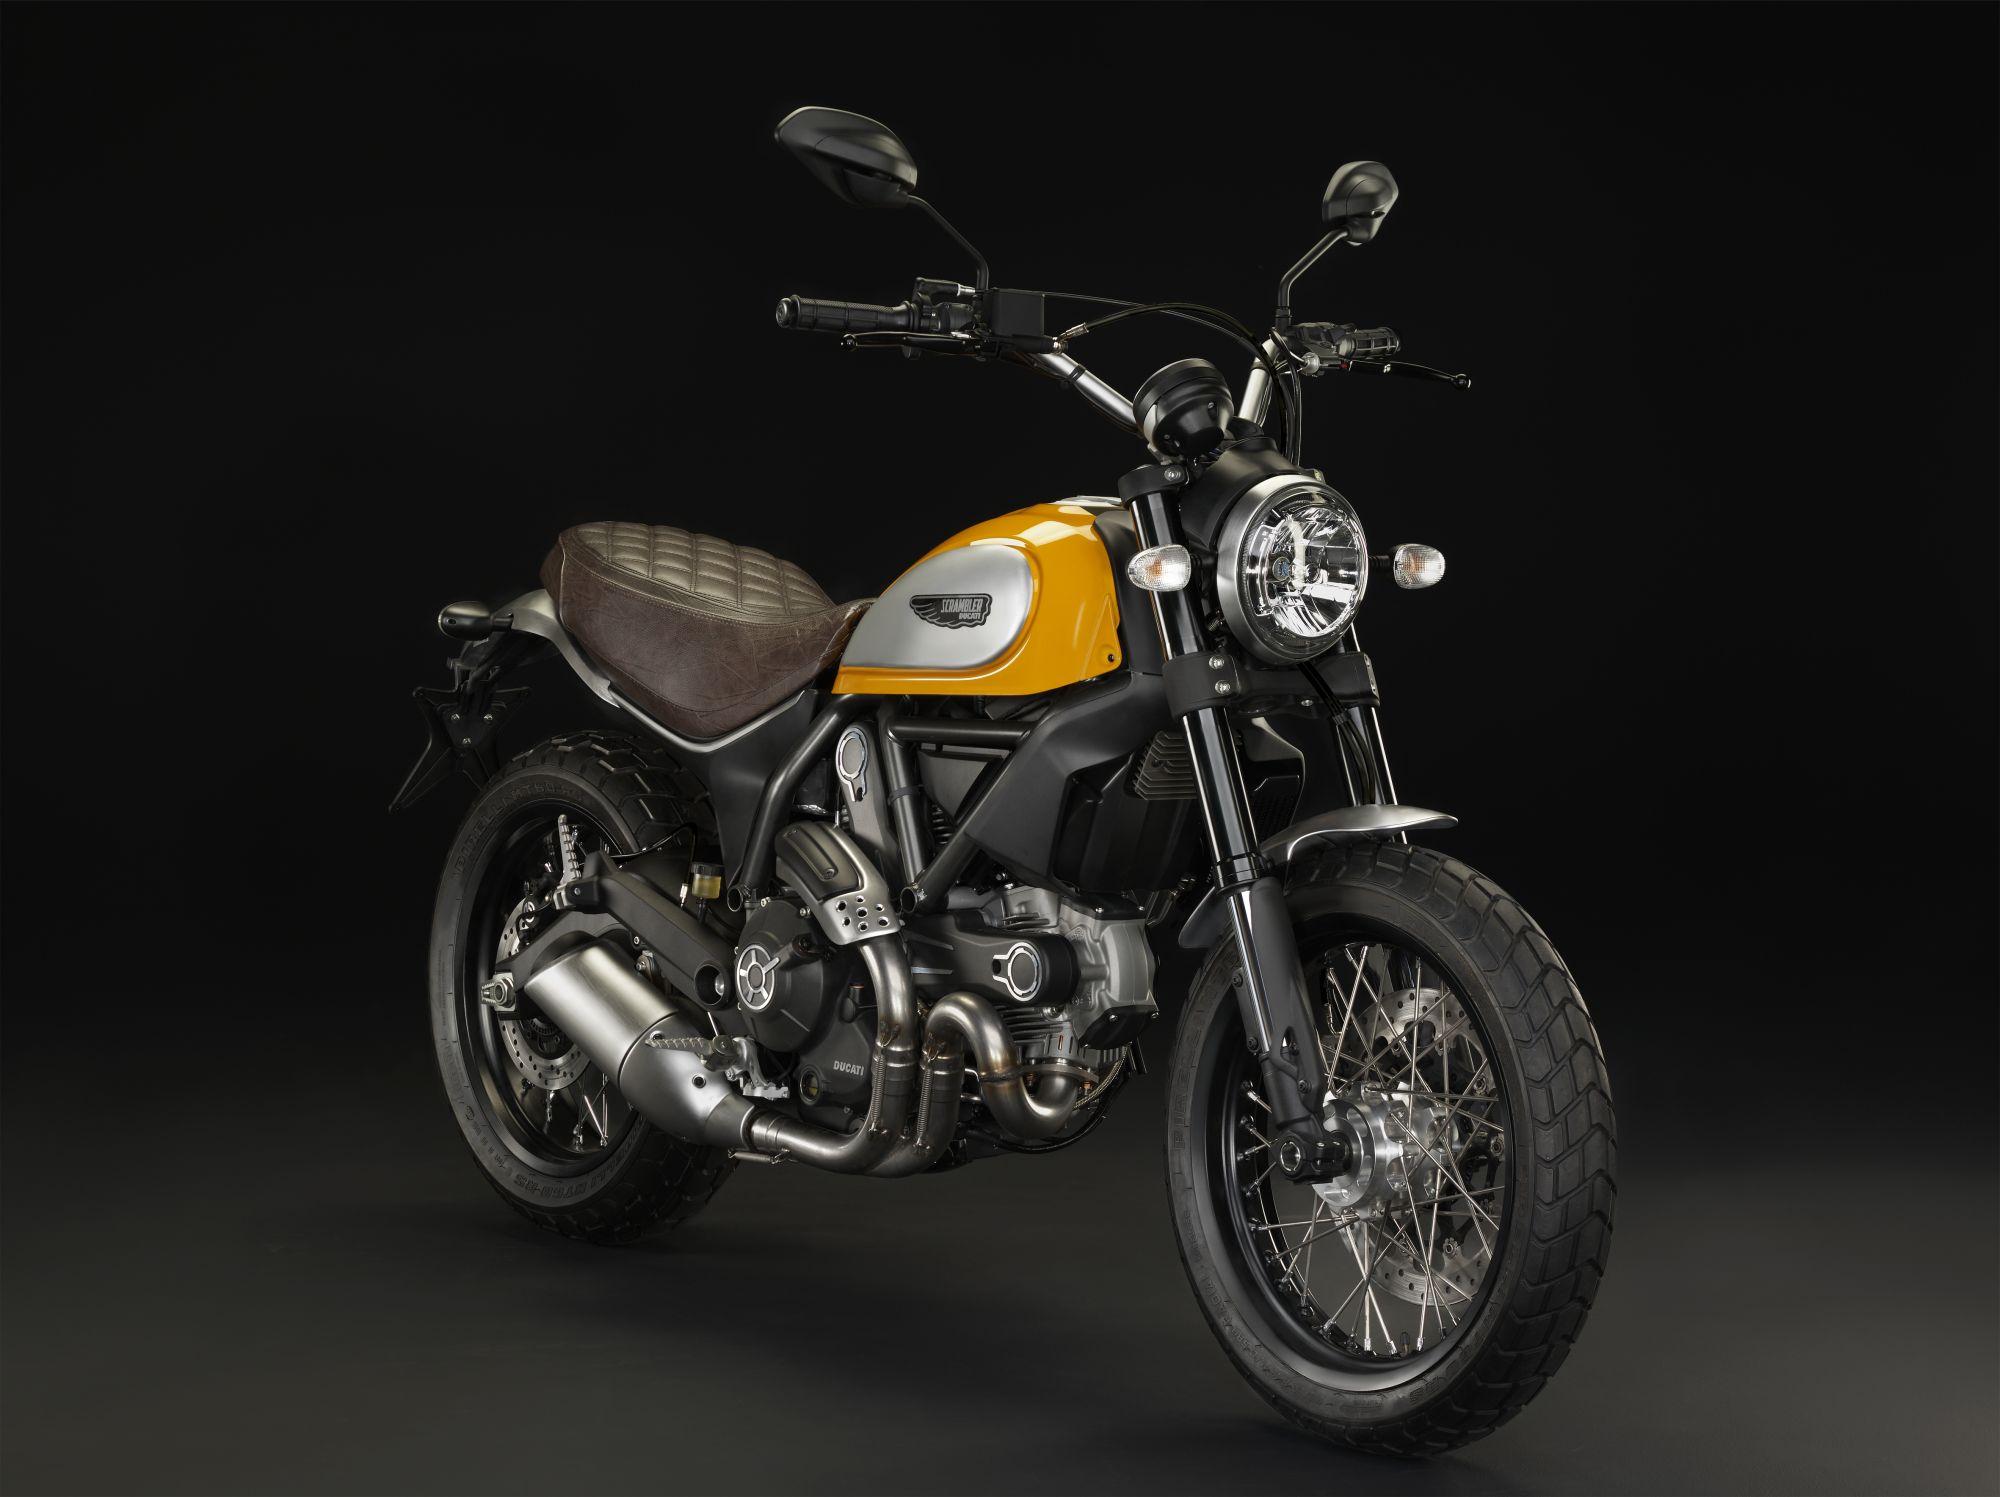 gebrauchte und neue ducati scrambler classic motorr der kaufen. Black Bedroom Furniture Sets. Home Design Ideas